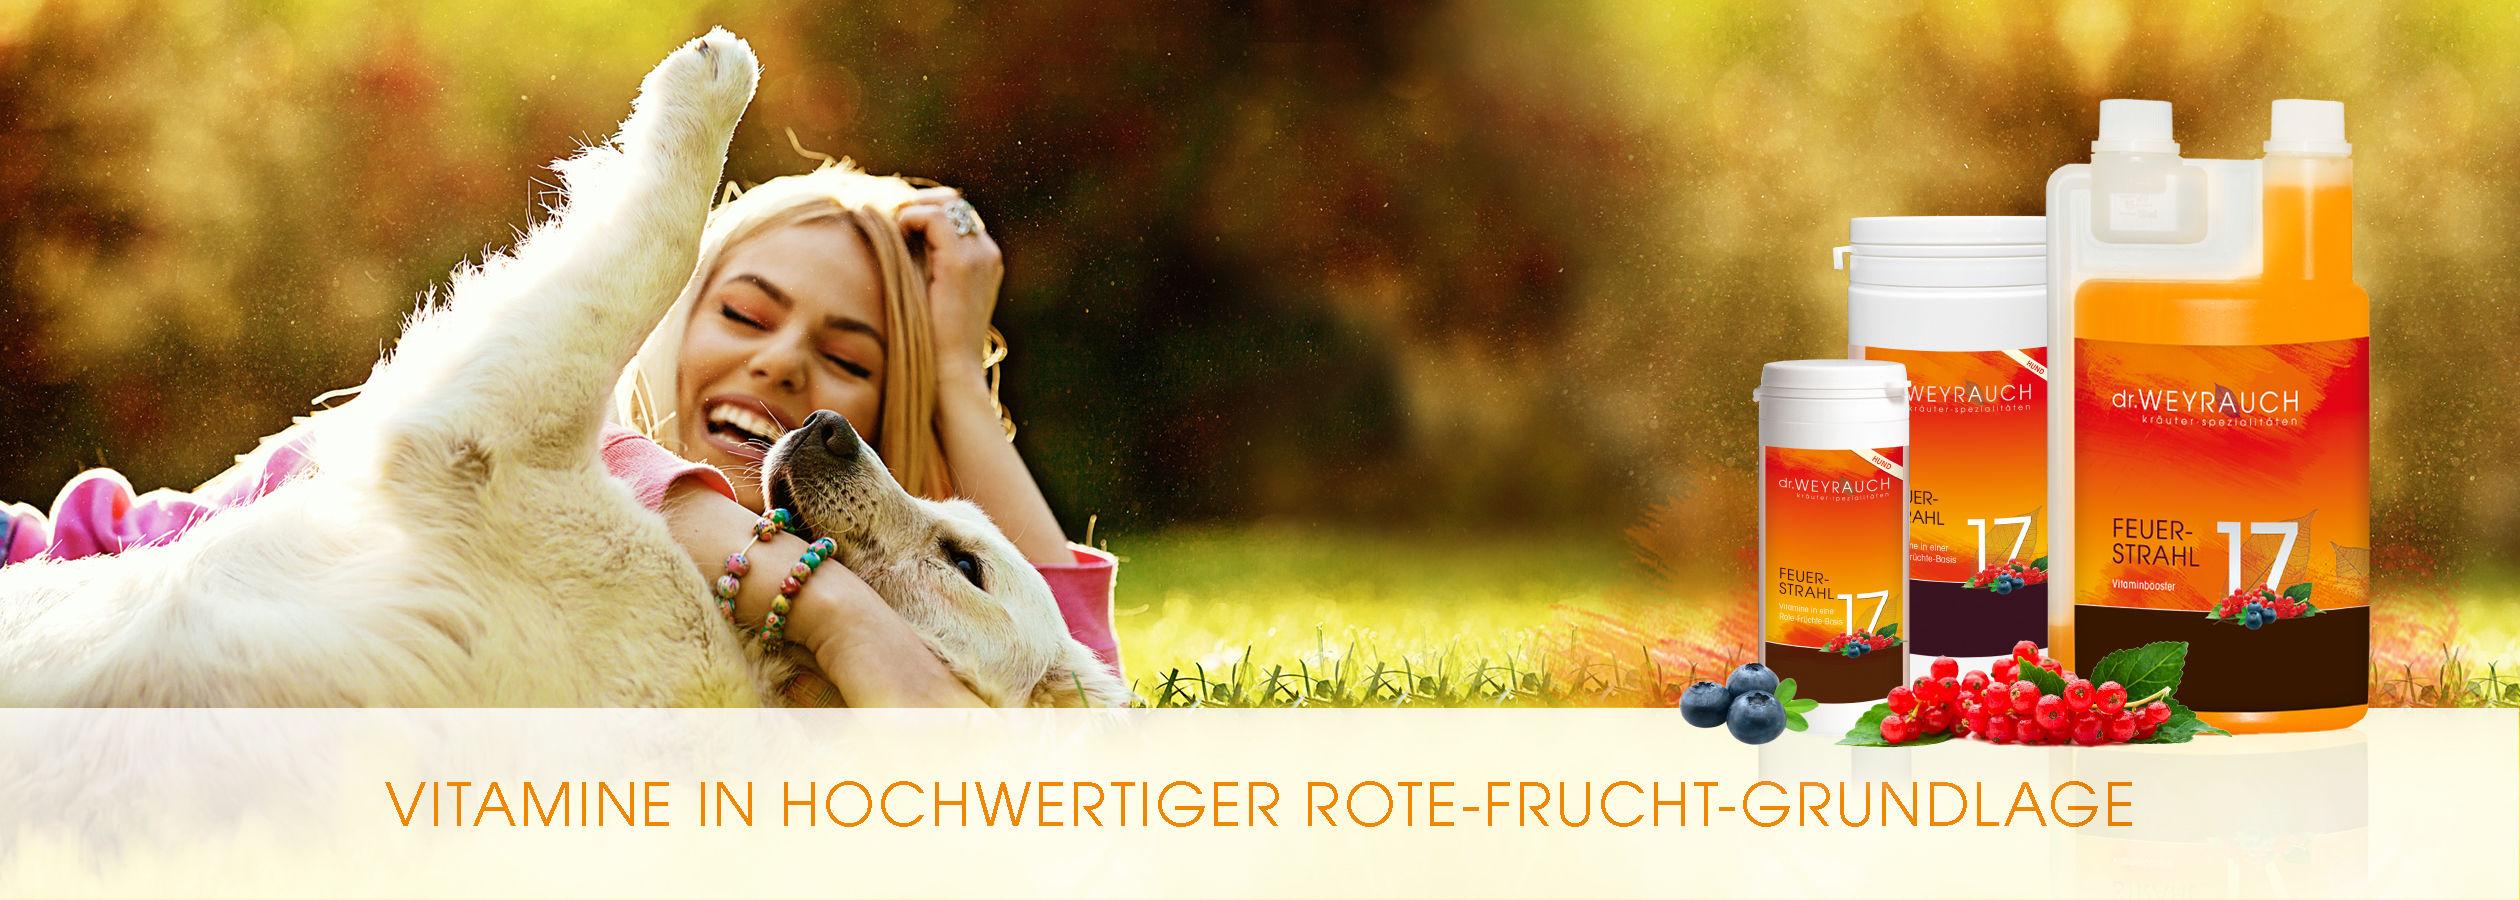 HEADER-2017-Feuerstrahl-Hund